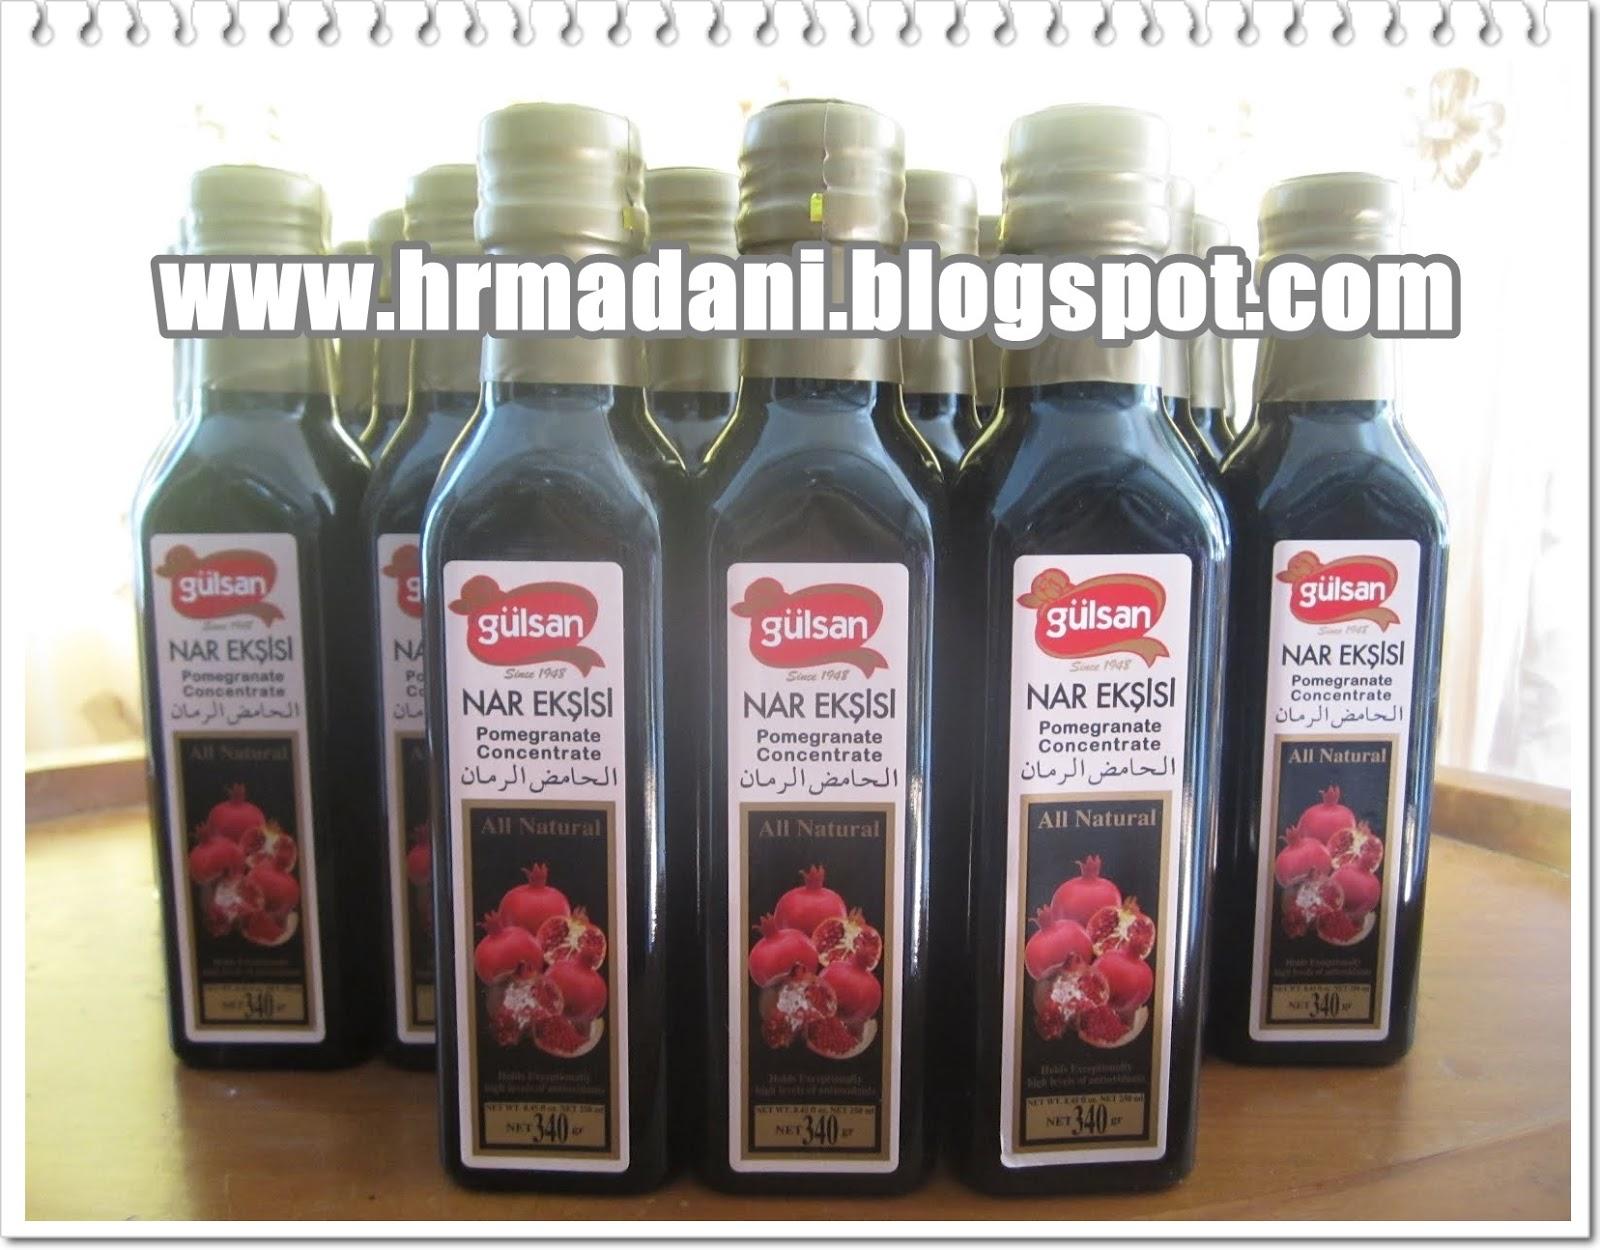 Ramai sedia maklum akan khasiat buah Delima ini antaranya :-